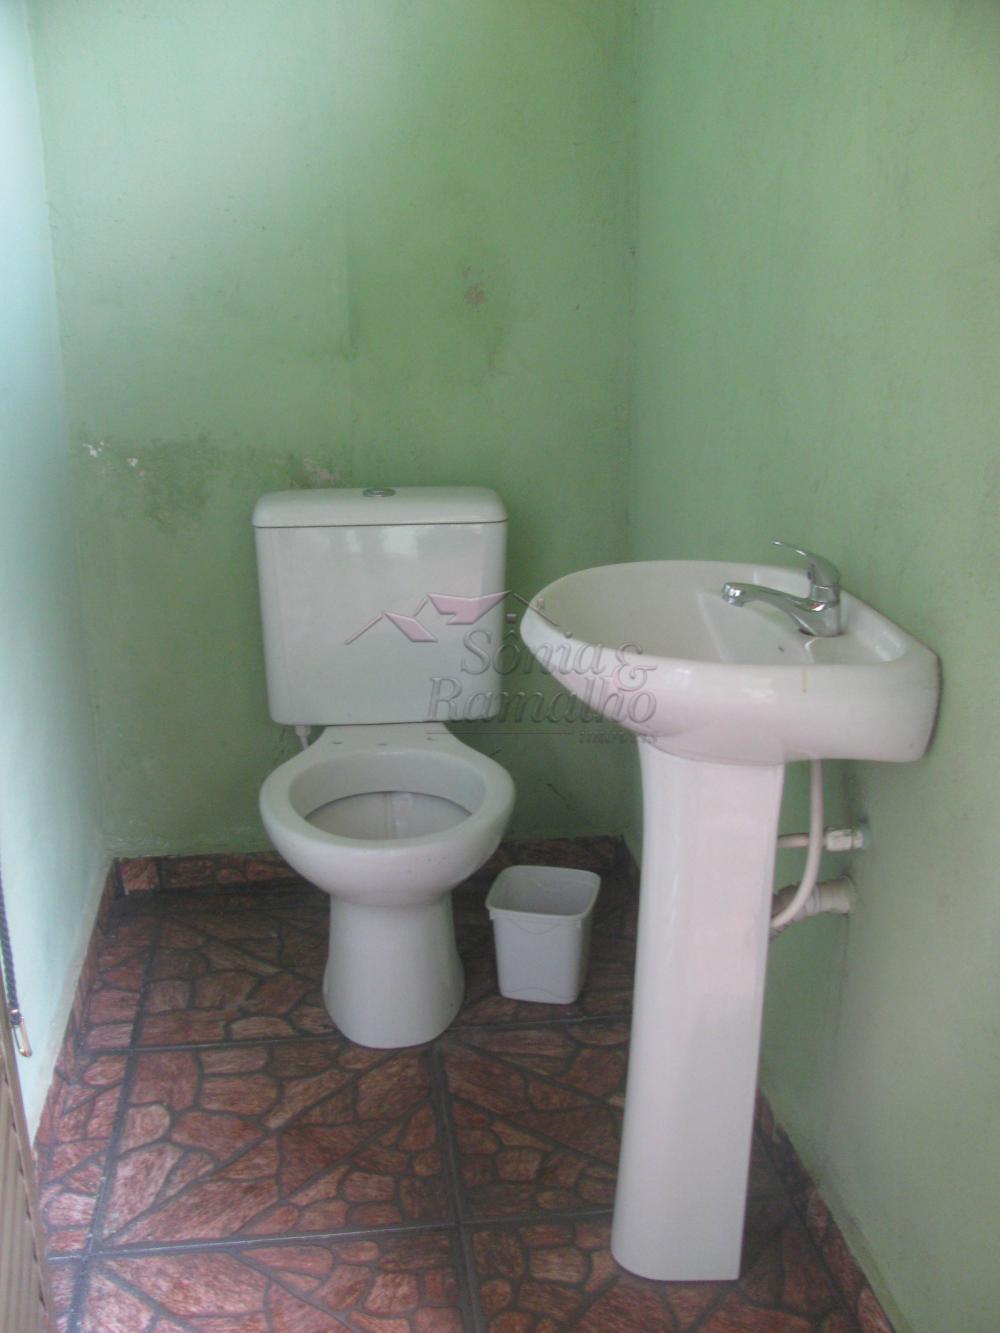 Comprar Casas / Padrão em Ribeirão Preto apenas R$ 250.000,00 - Foto 10